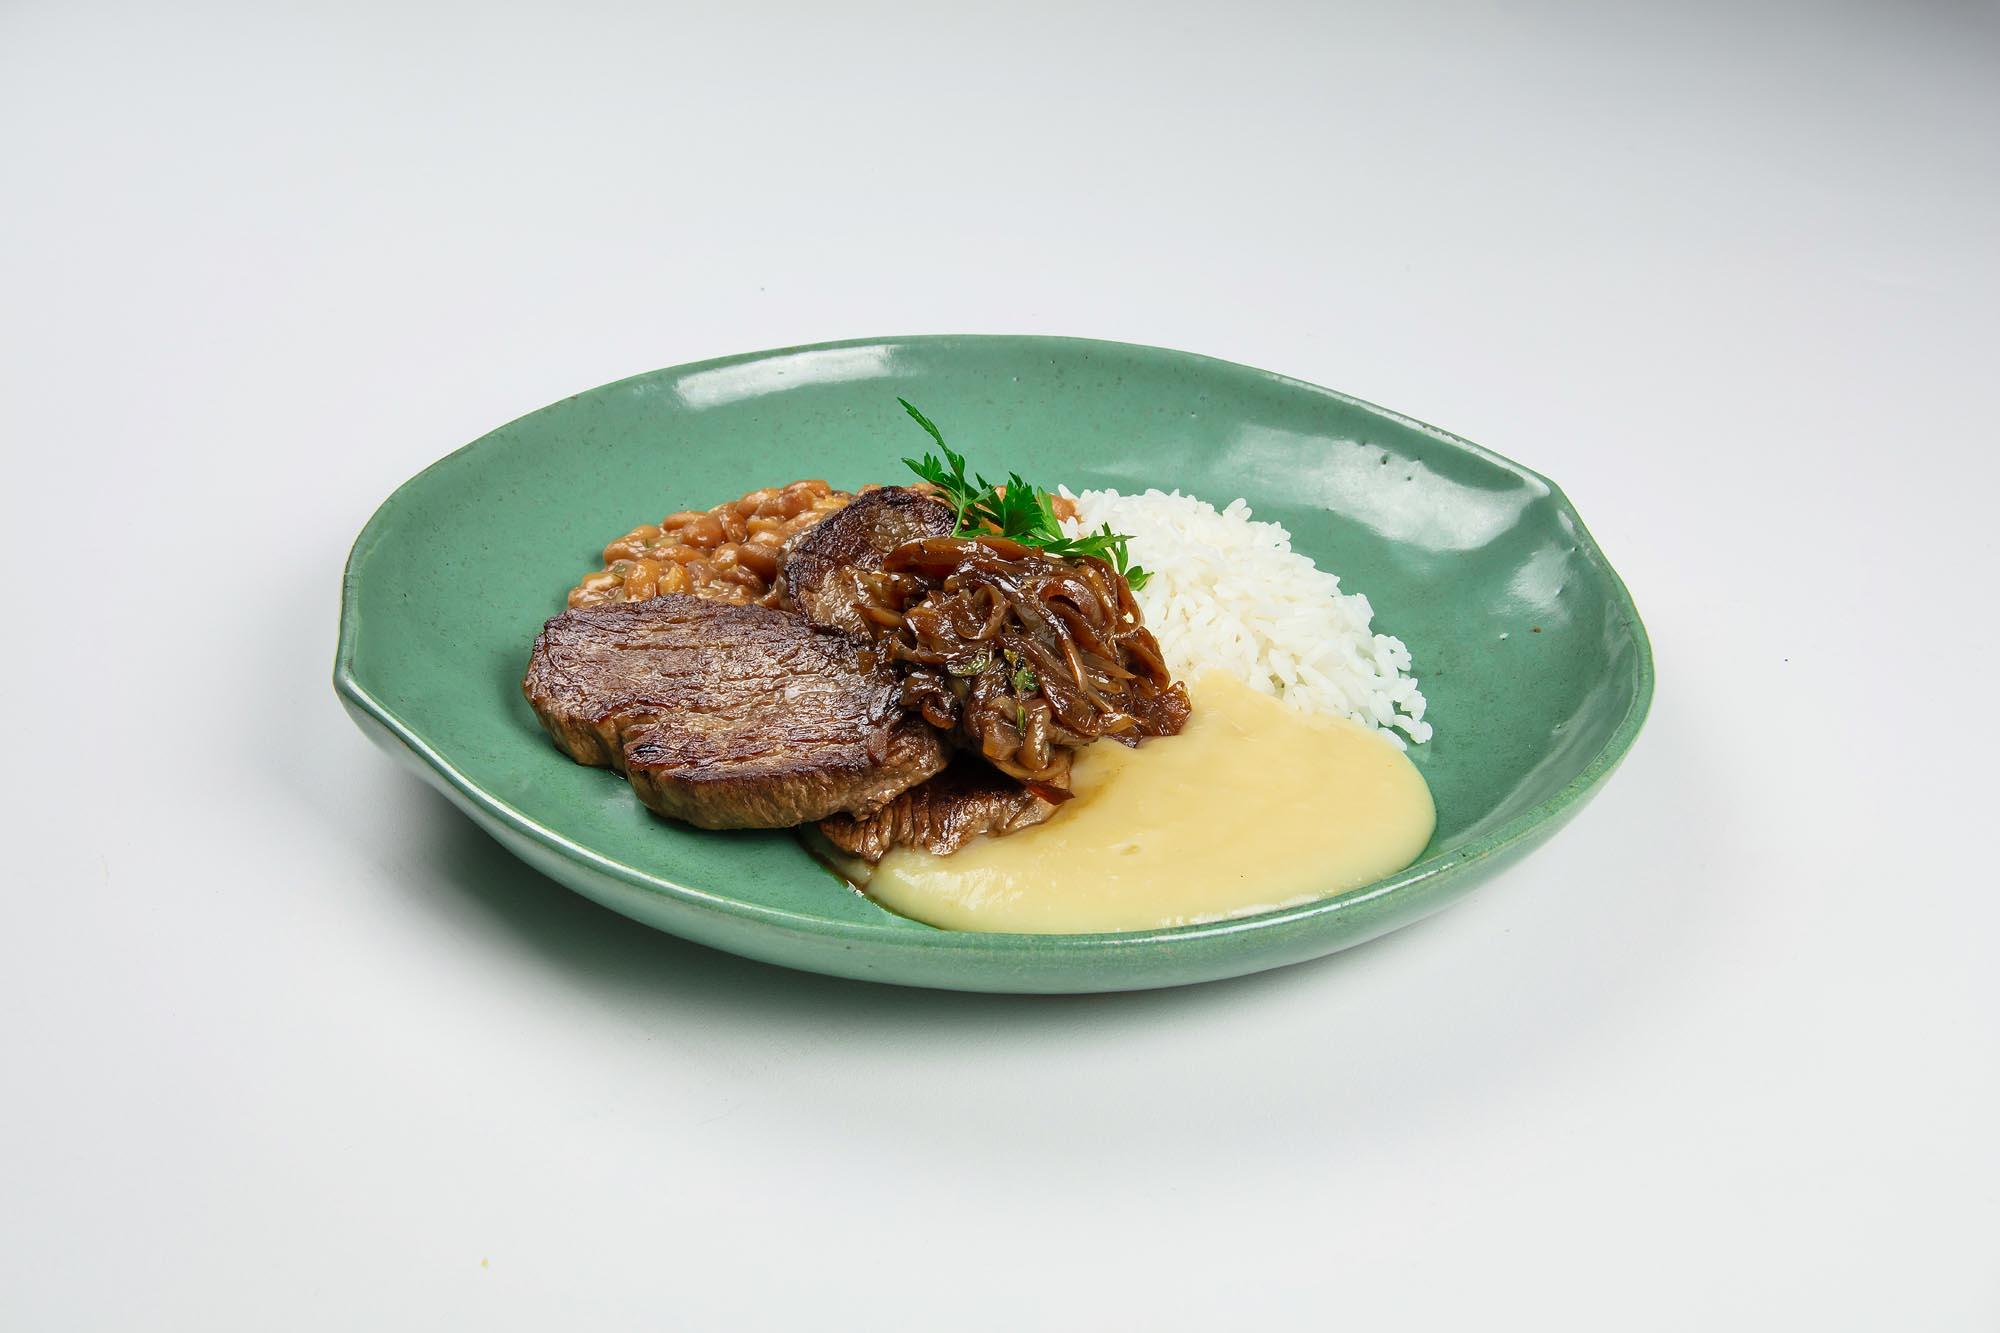 Filé mignon acebolado com purê de batata e alho assado, arroz branco e feijão carioquinha (480gr)